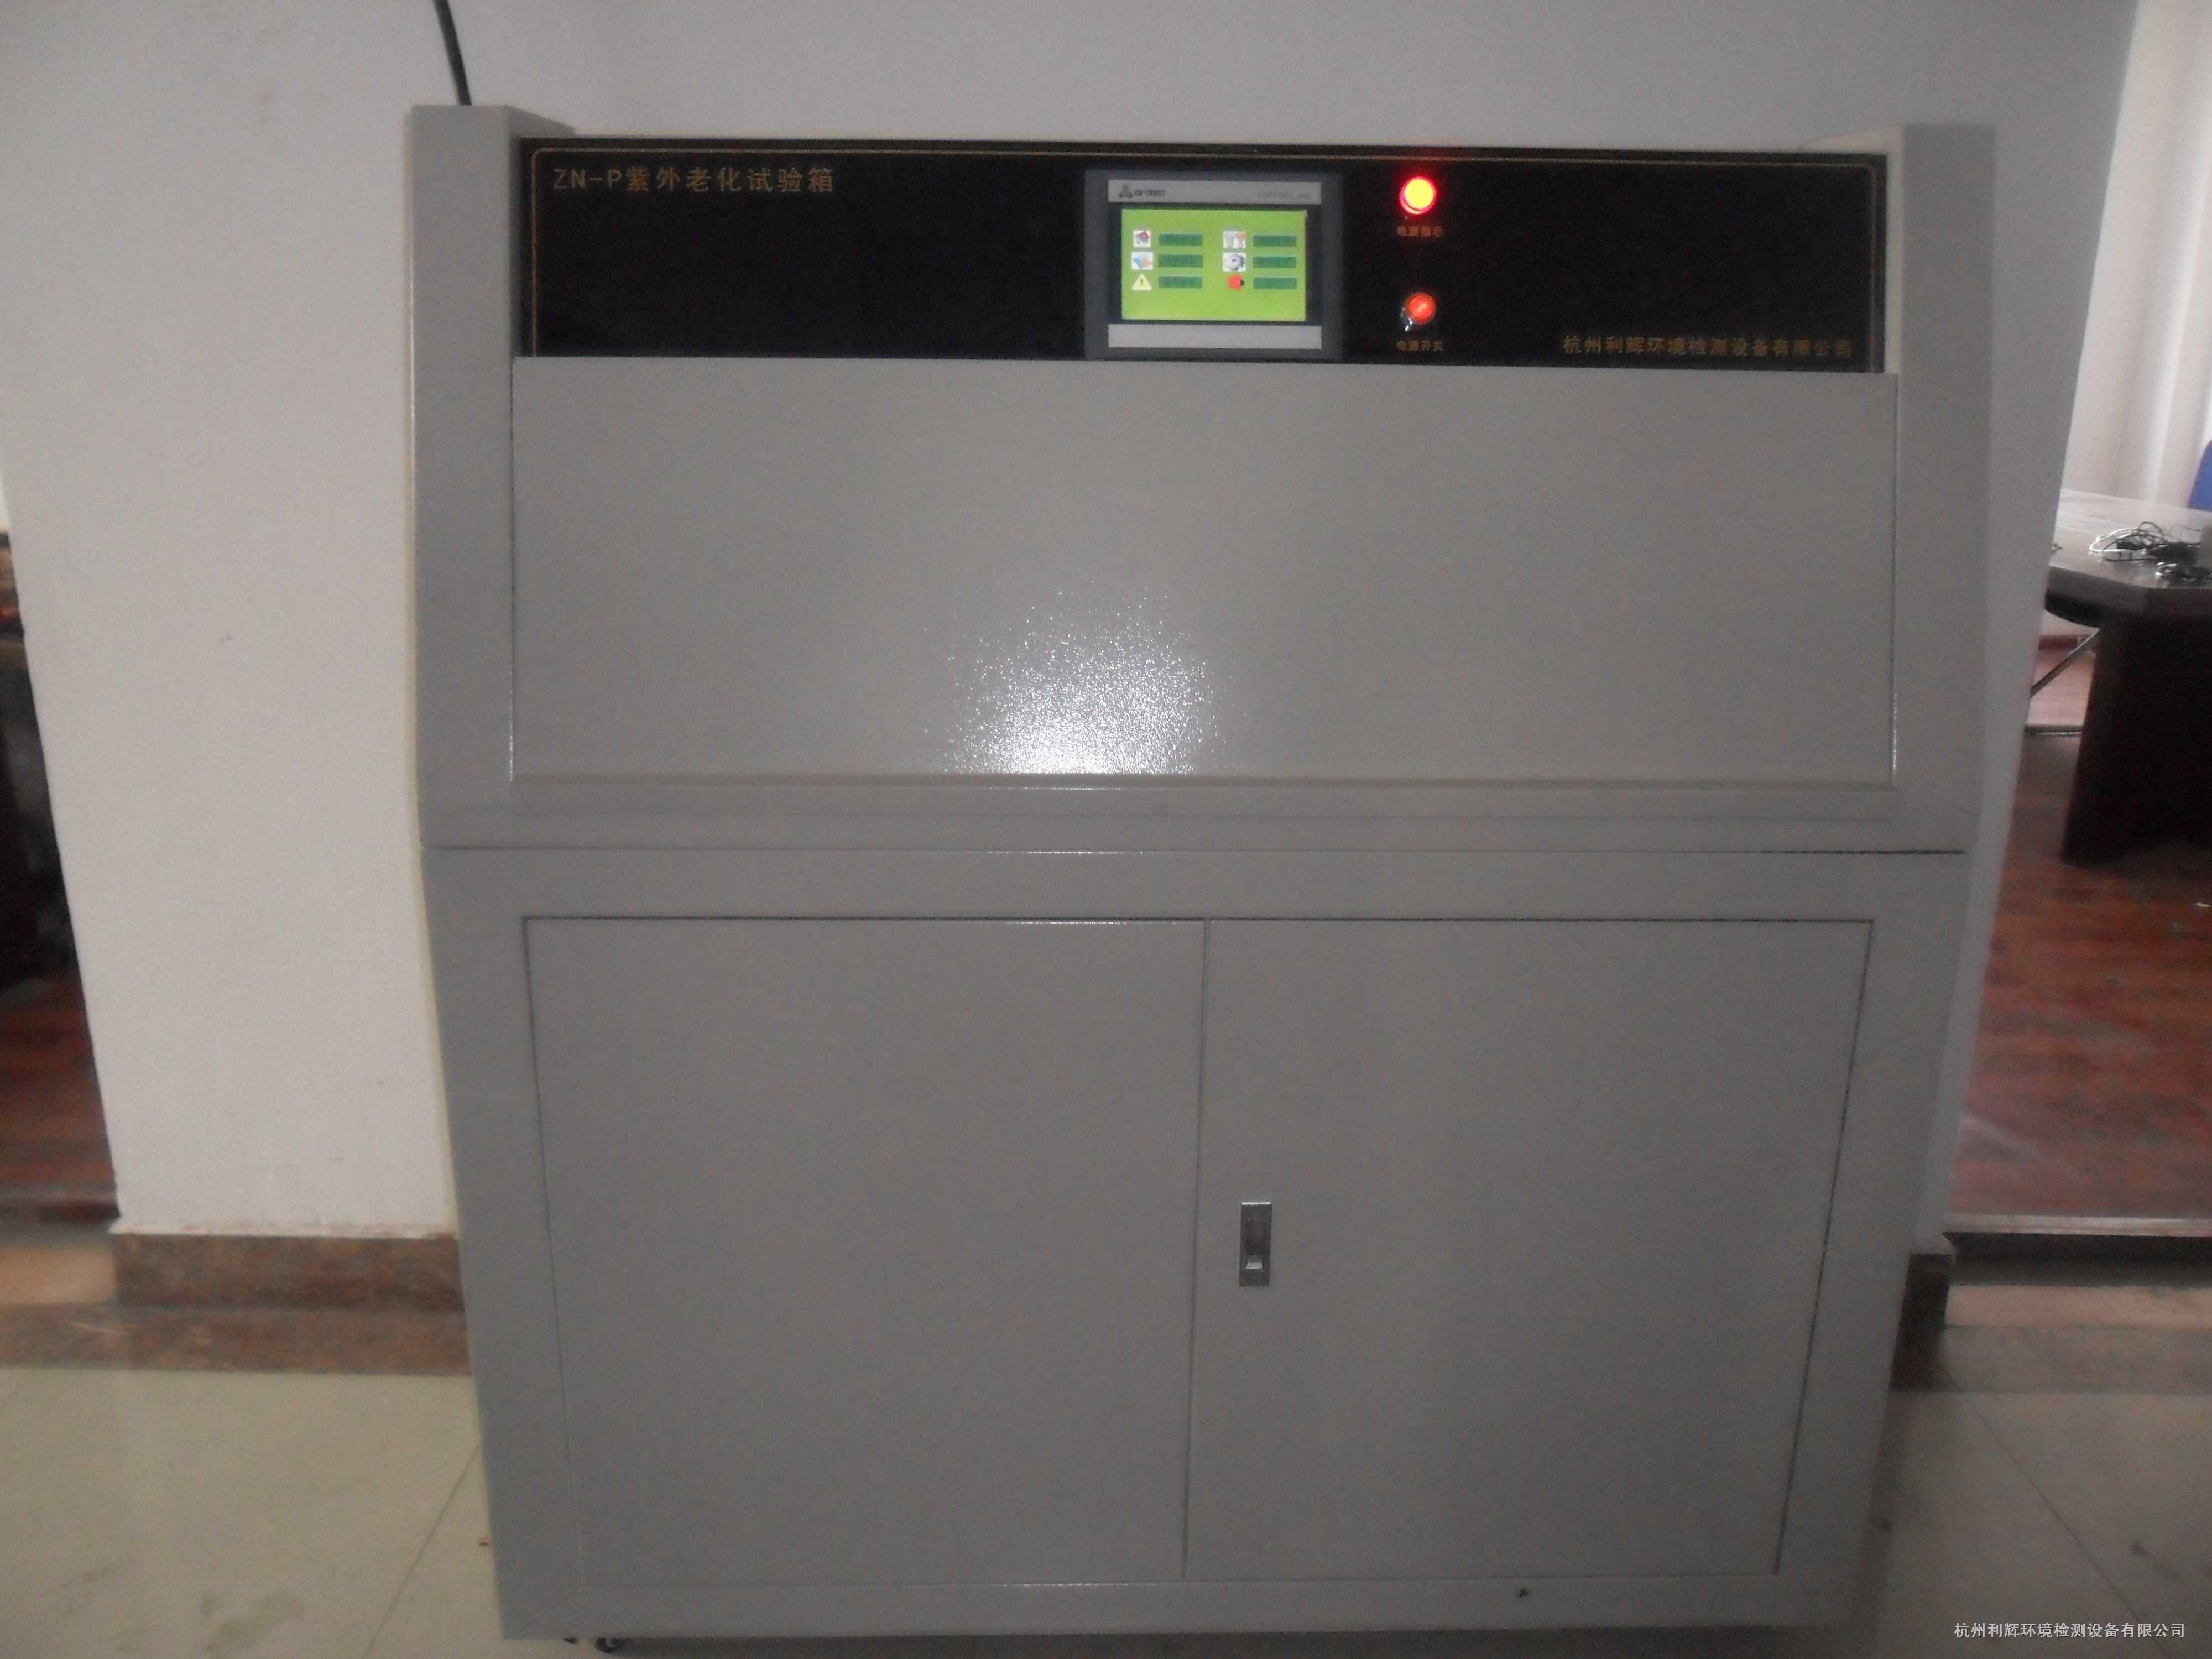 供应ZN-P紫外荧光耐气候老化试验箱,紫外荧光耐气候老化试验箱